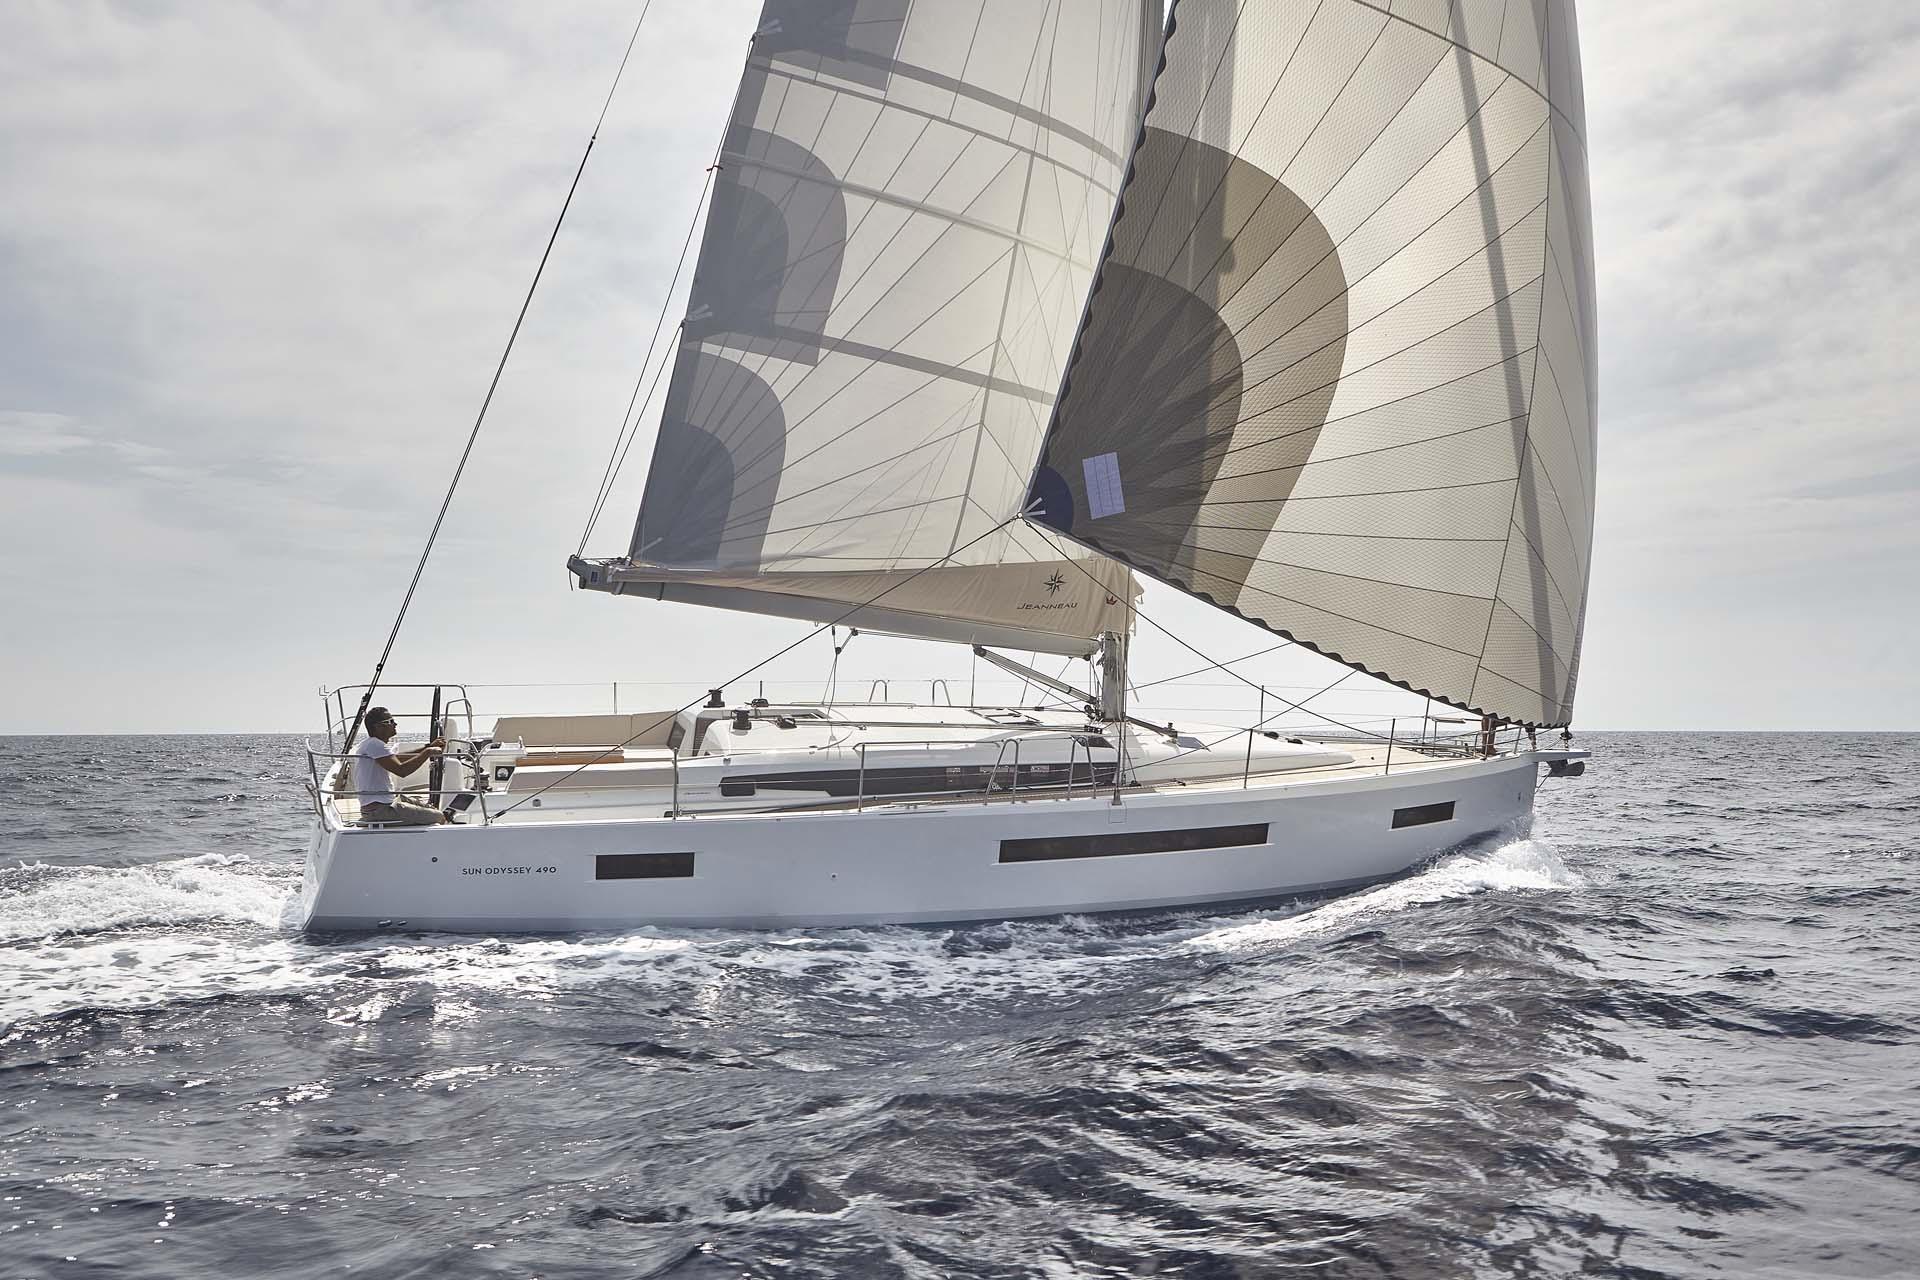 bateau voilier neuf sun odyssey 490 FP2 -